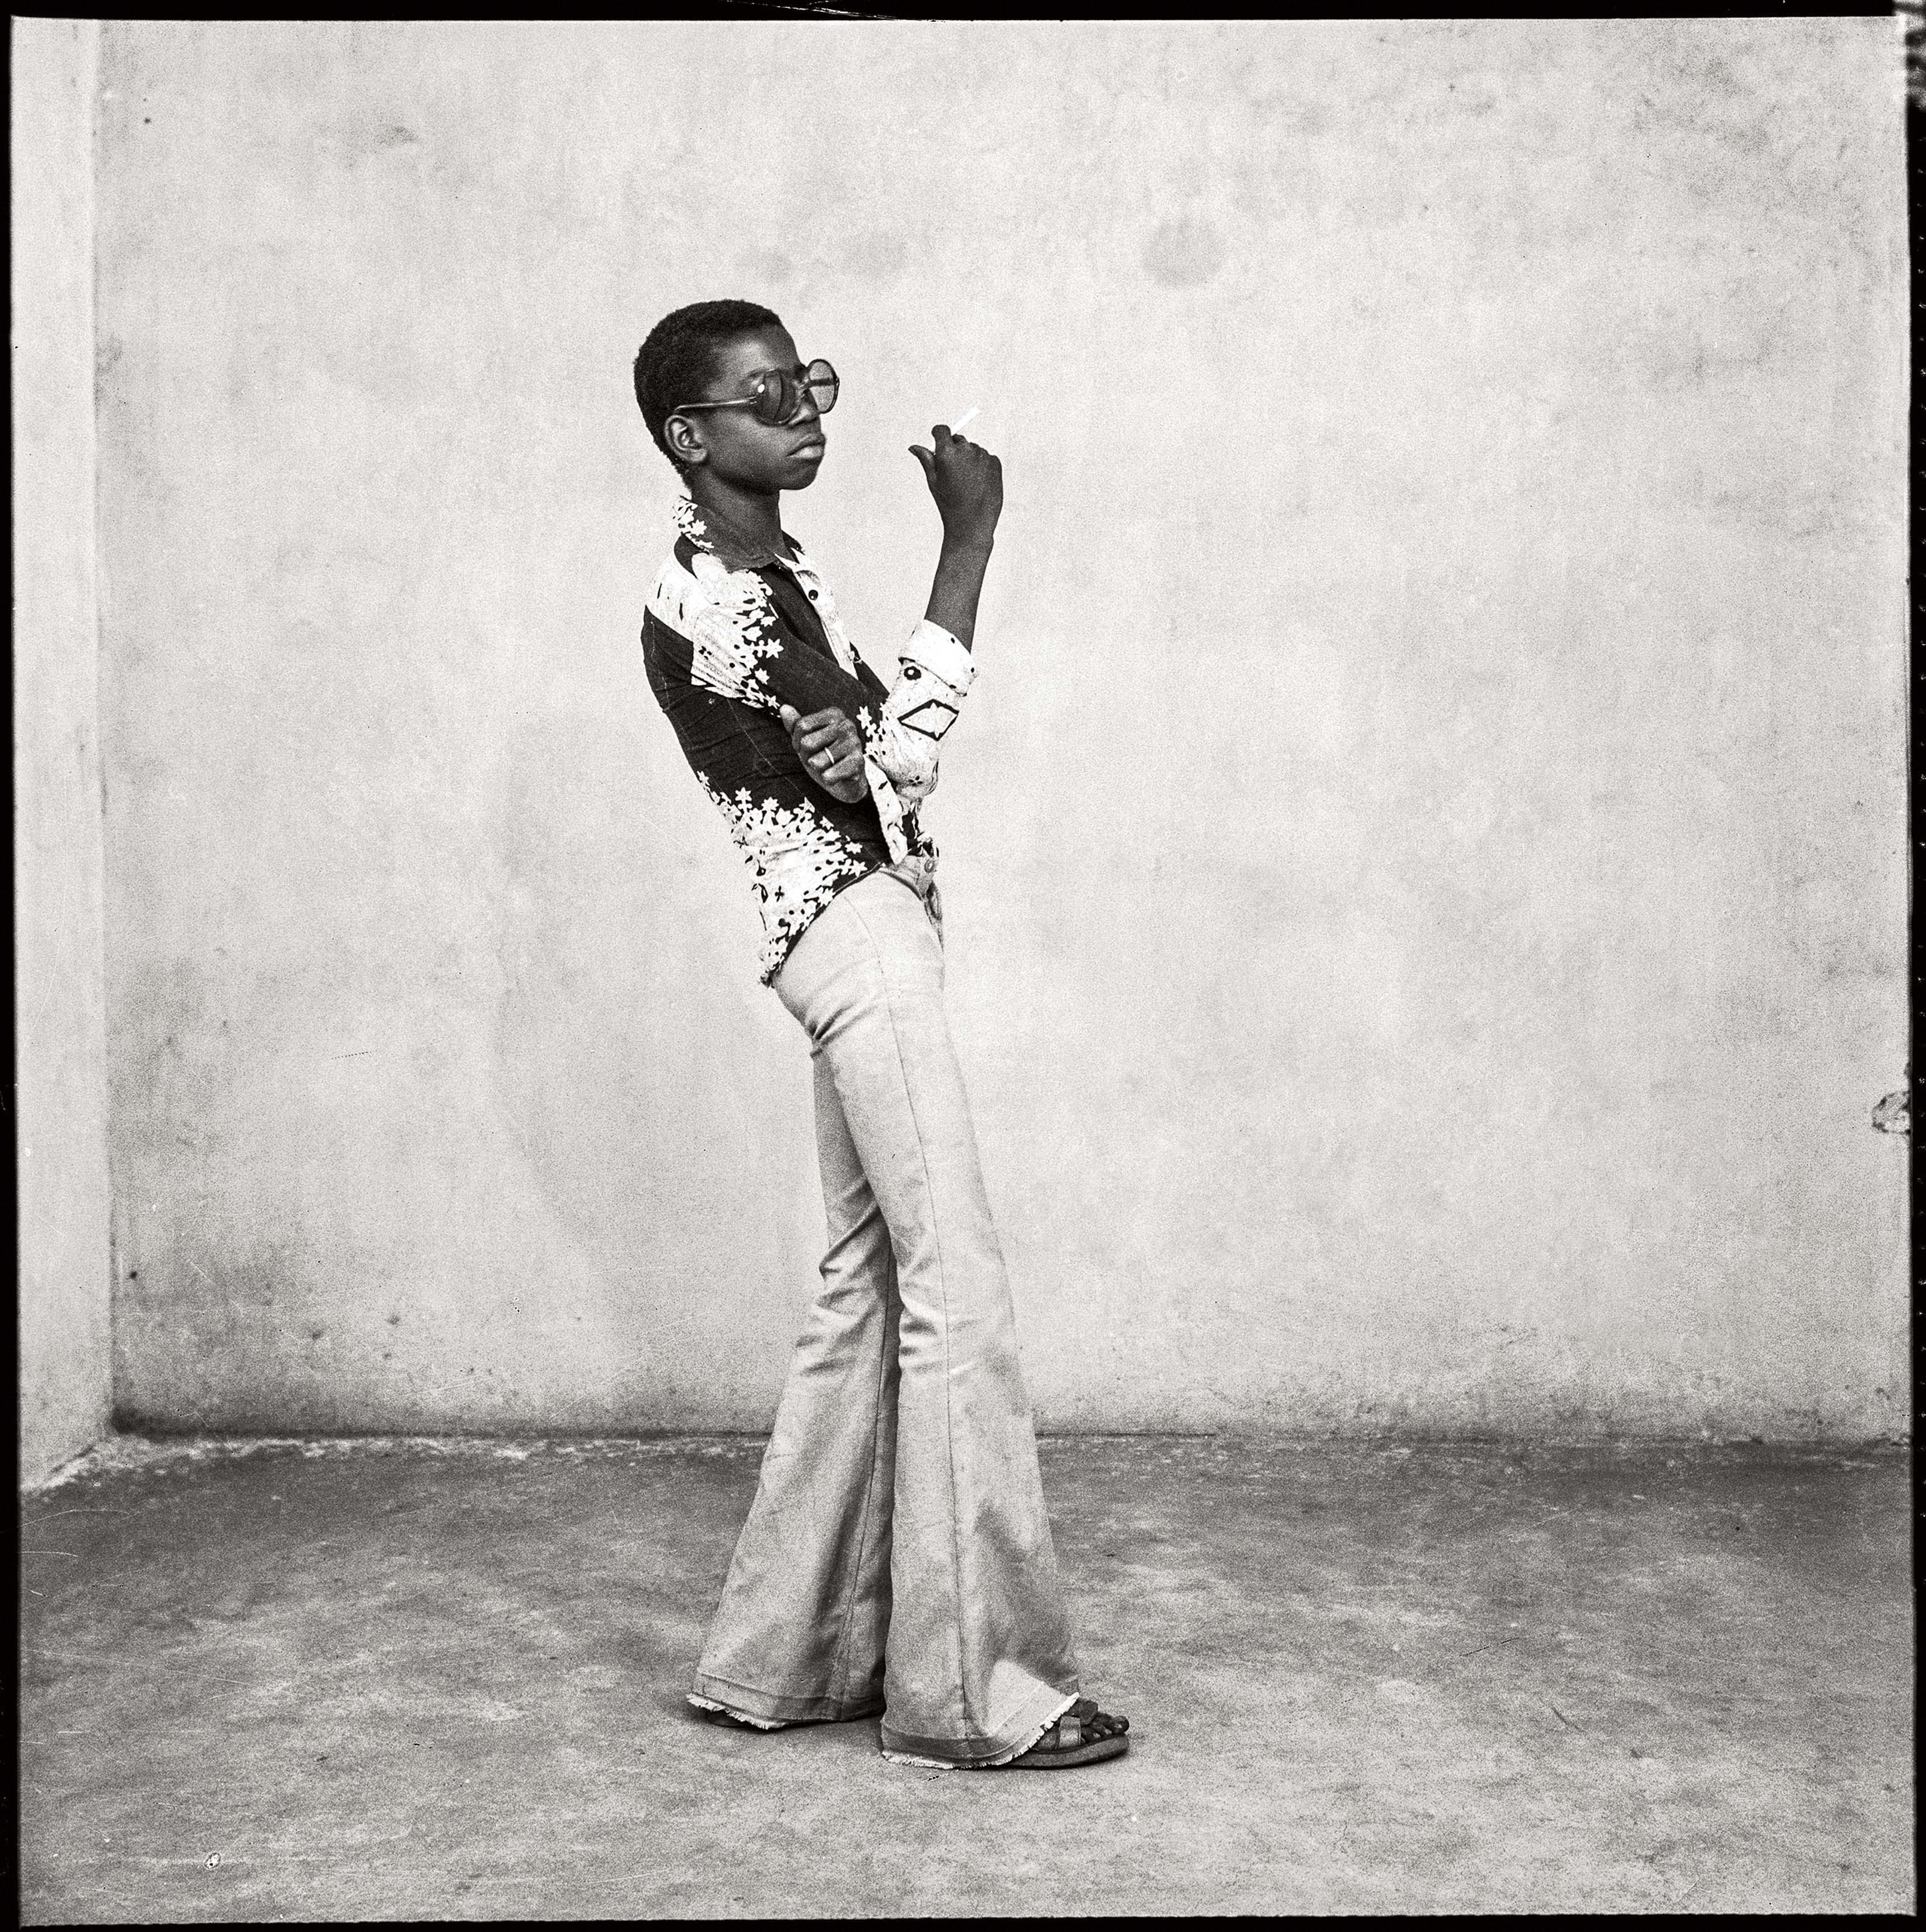 Malick Sidibé Un yéyé en position, 1963 Tirage gélatino-argentique 60,5 x 50,5 cm Collection Fondation Cartier pour l'art contemporain, Paris © Malick Sidibé